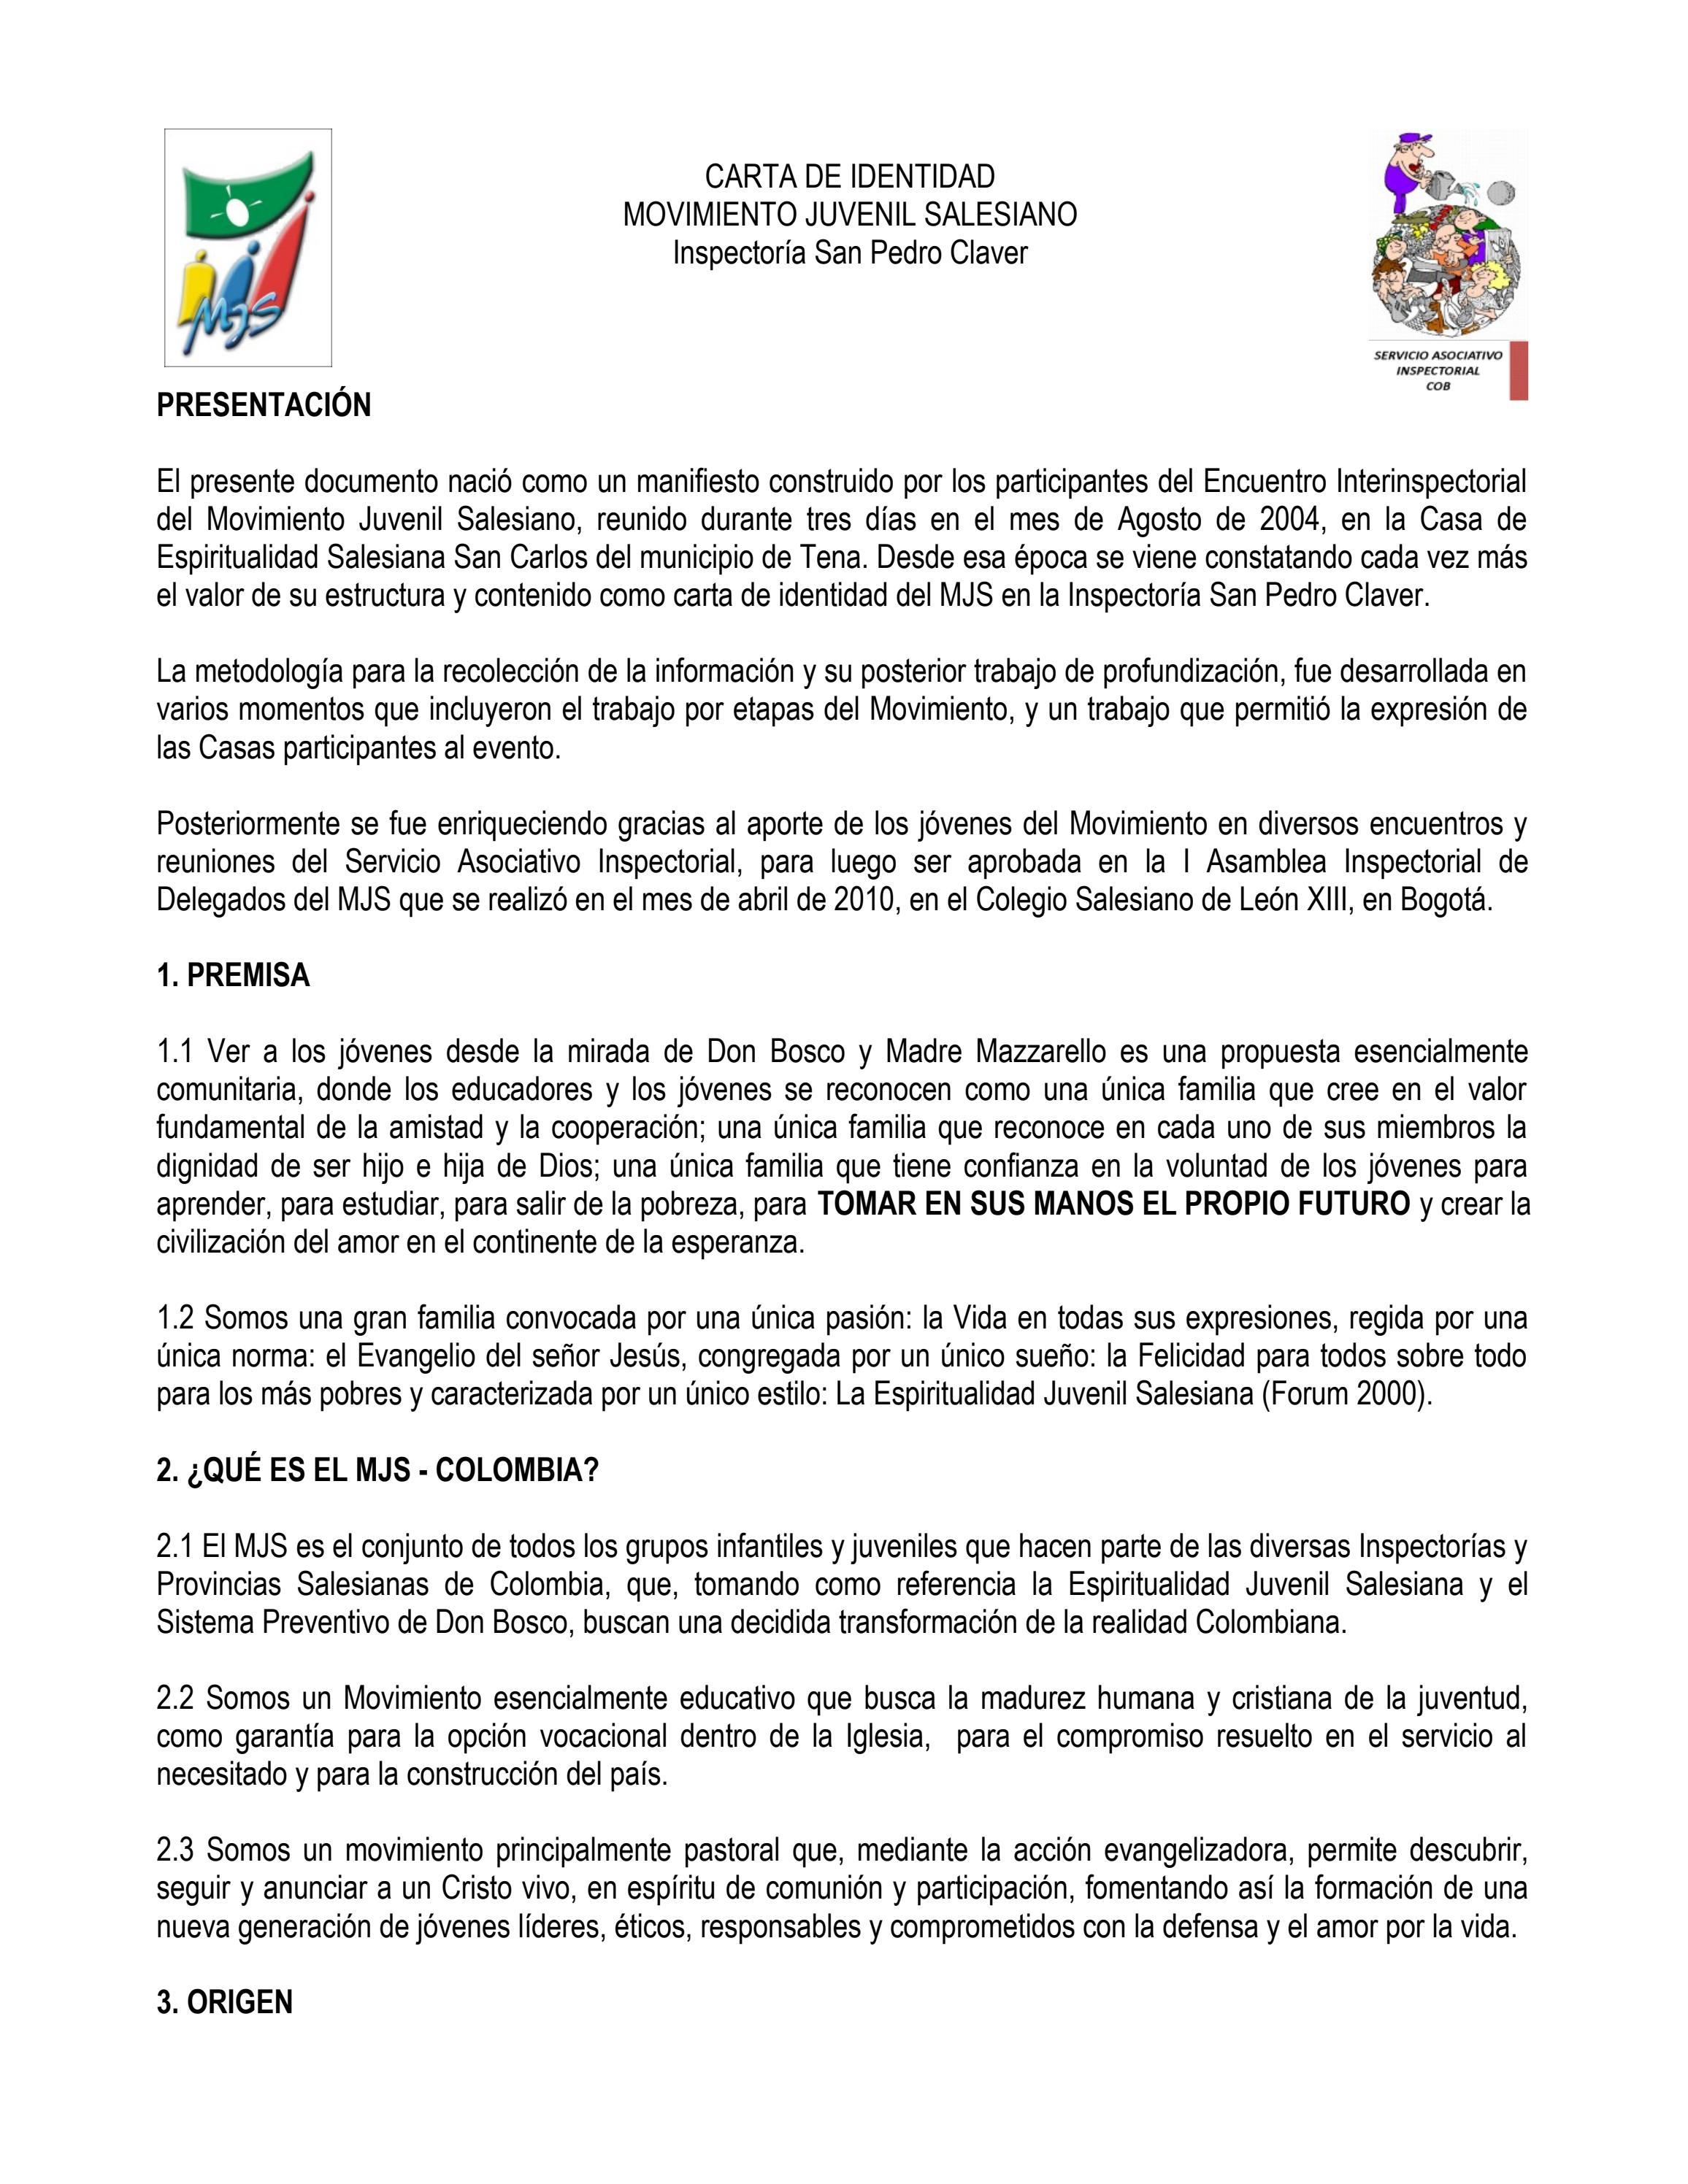 CARTA DE IDENTIDAD MOVIMIENTO JUVENIL SALESIANO COB by Sociedad ...